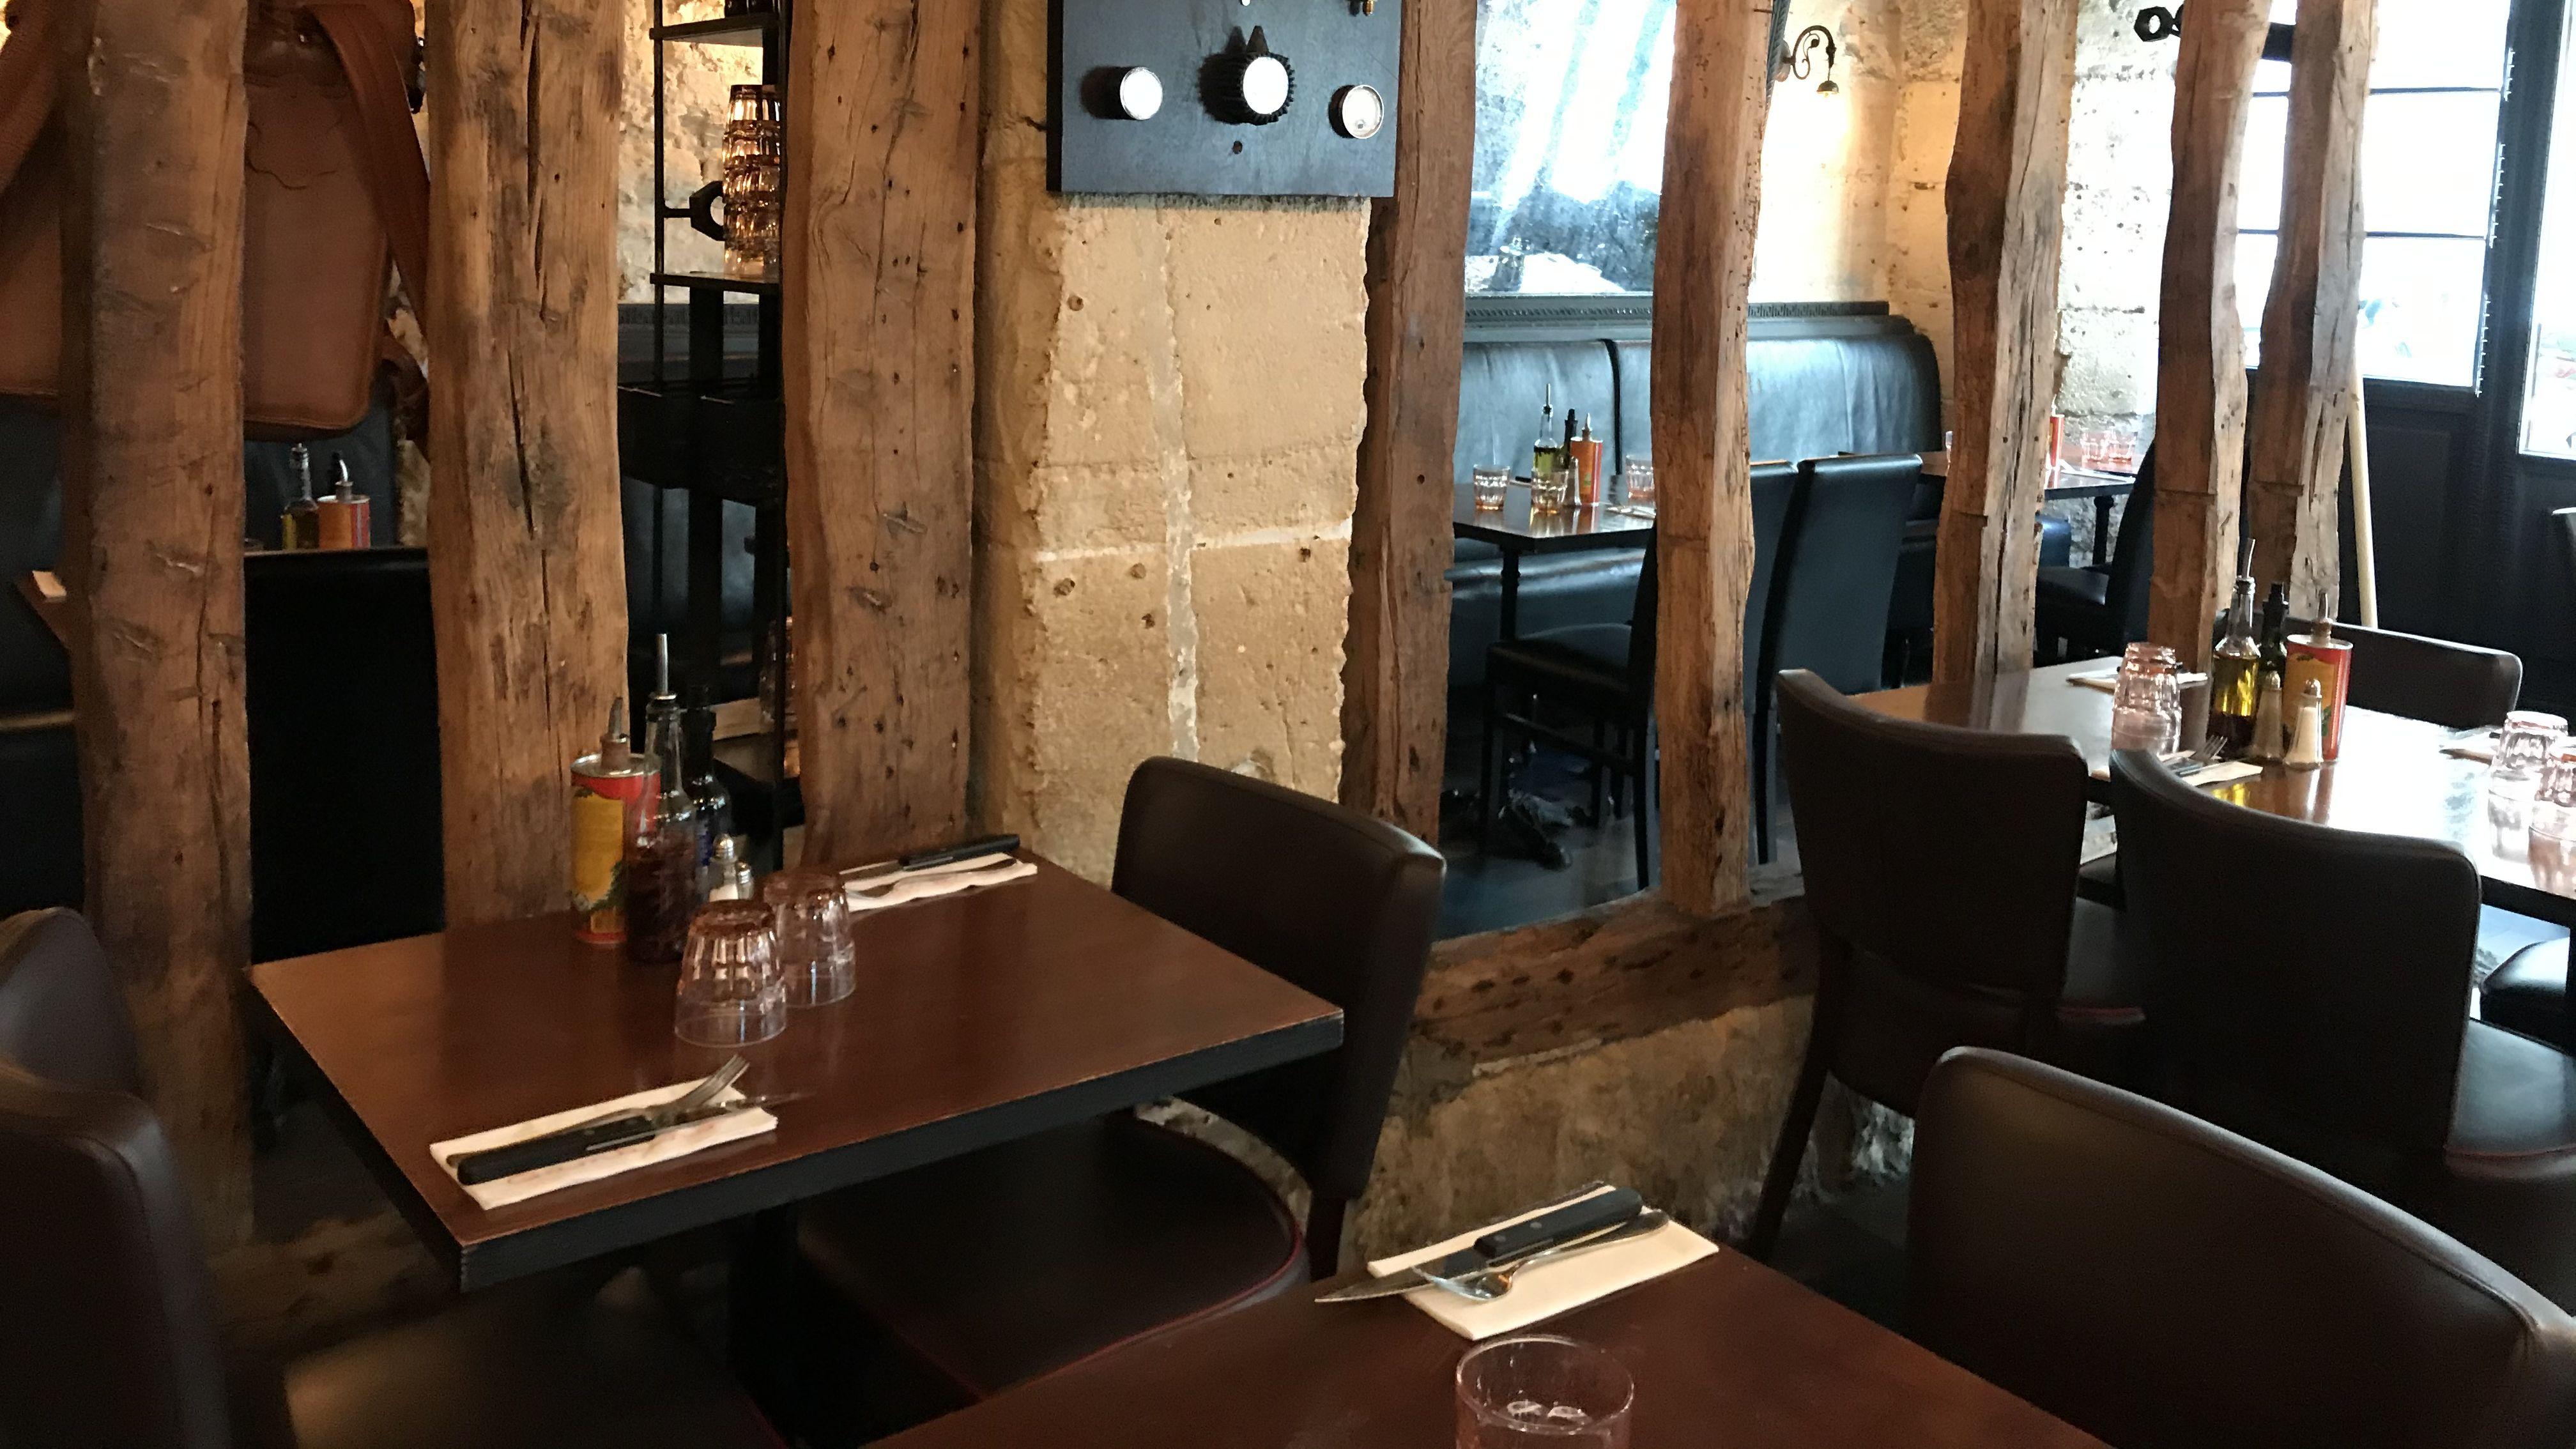 Gambino In Parijs Menu Openingstijden Prijzen Adres Van Restaurant En Reserveren Thefork Voorheen Iens